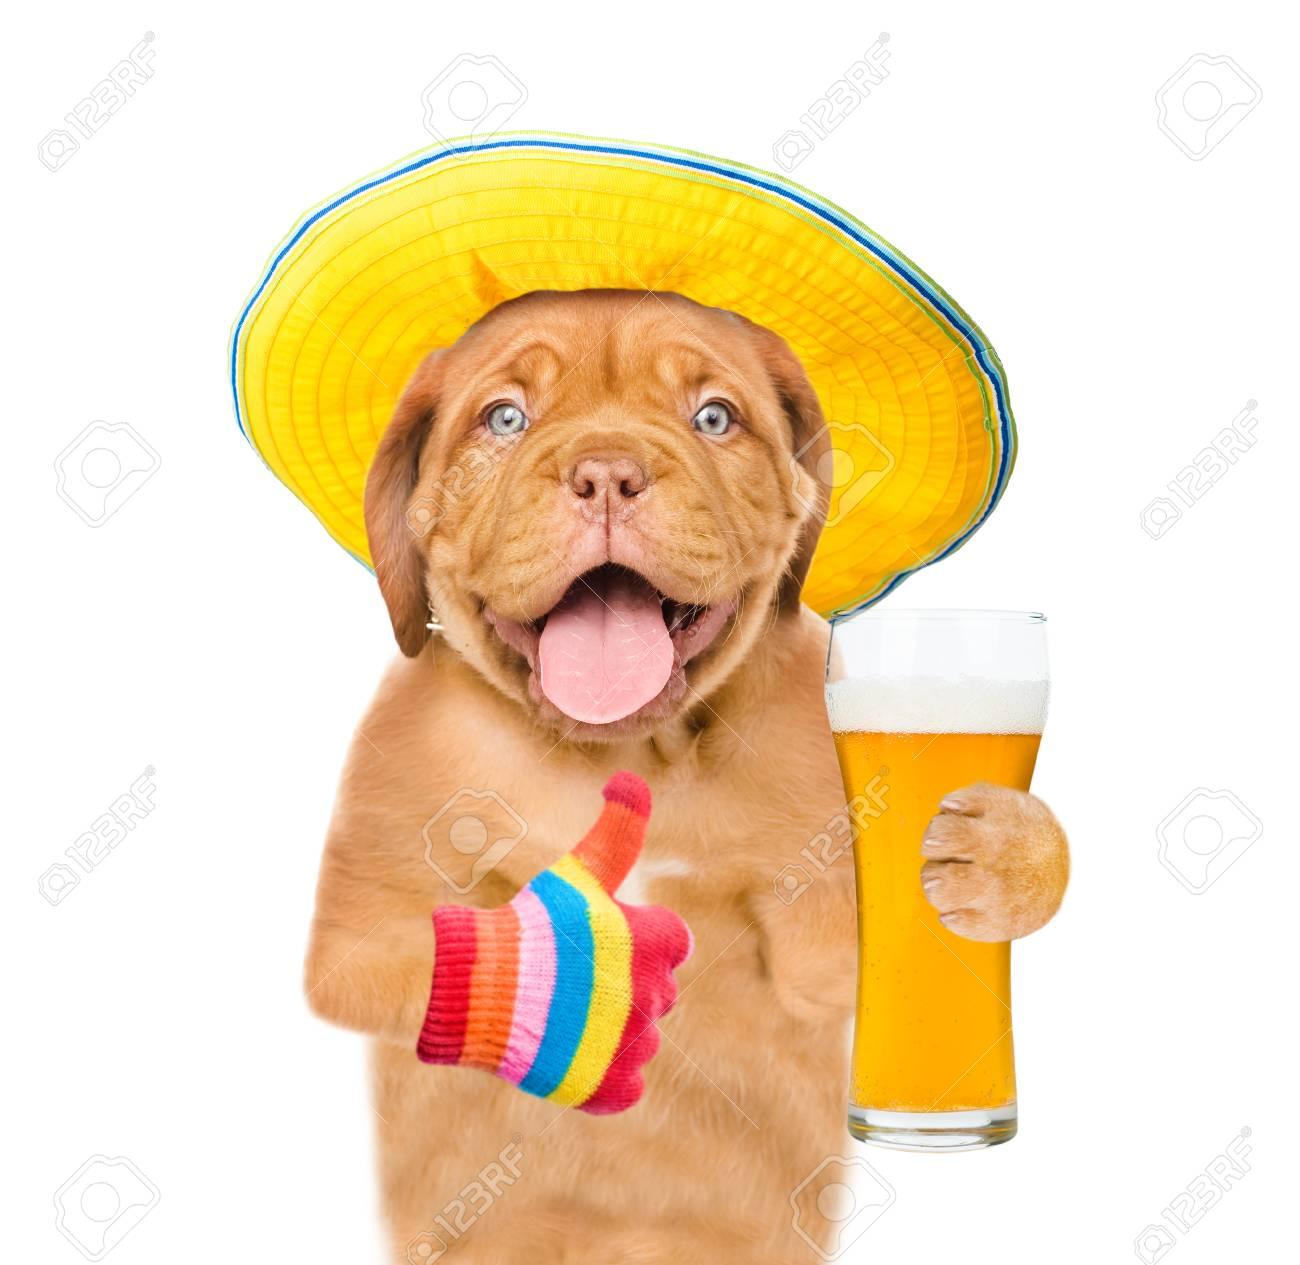 Magnifiek Grappige Puppy In Zomerhoedje Met Een Glas Bier Dat Duimen Laat @YA33